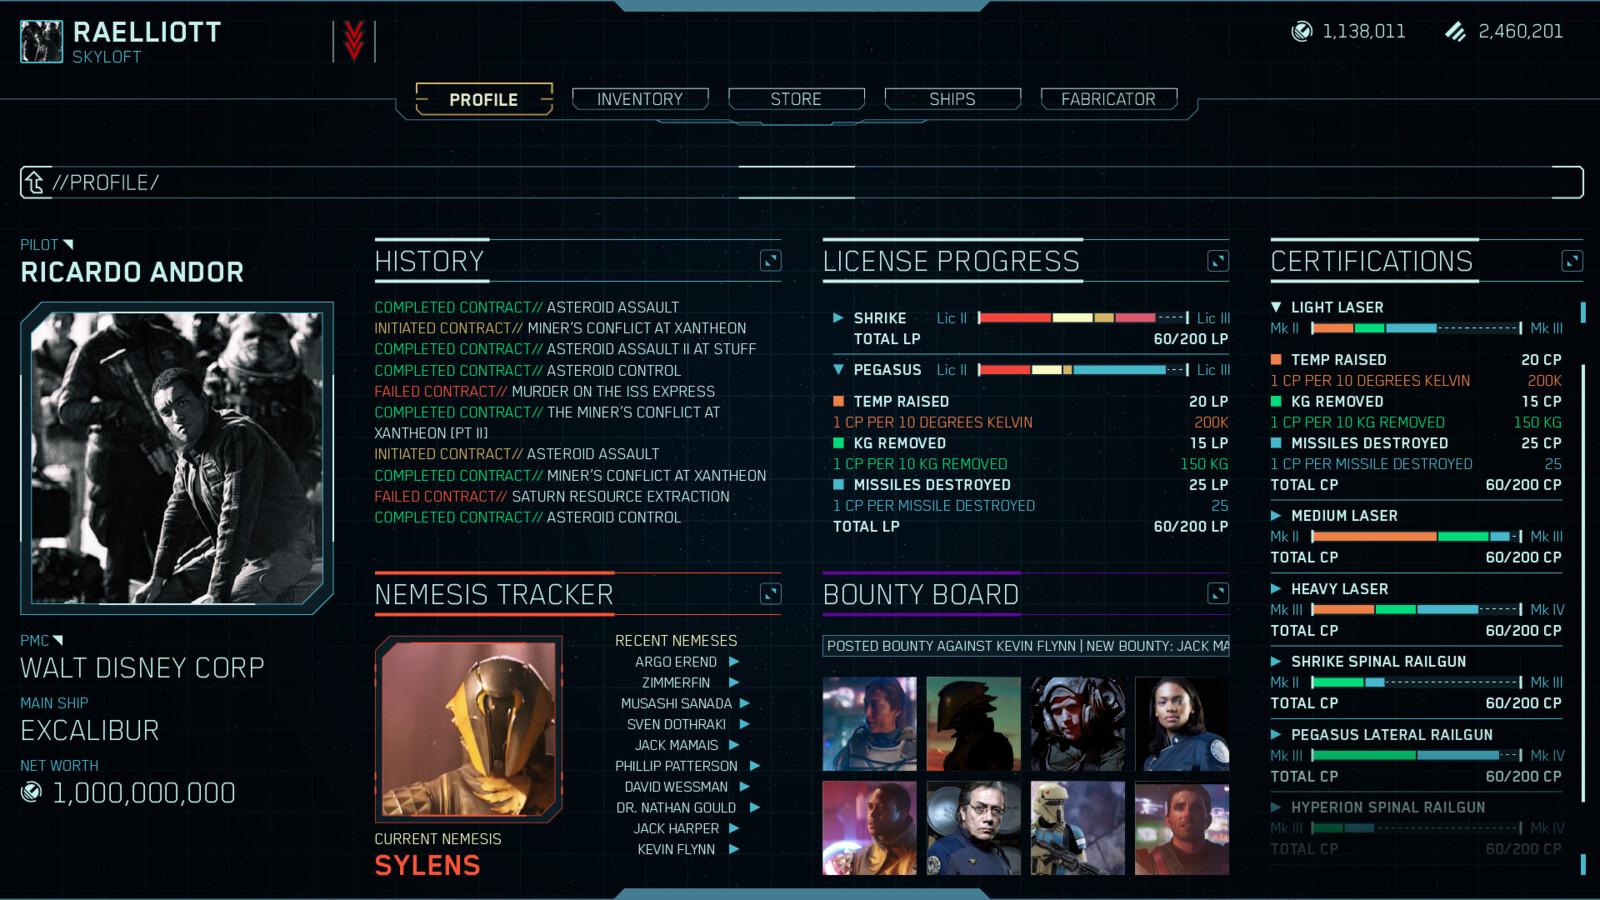 Pilot Profile